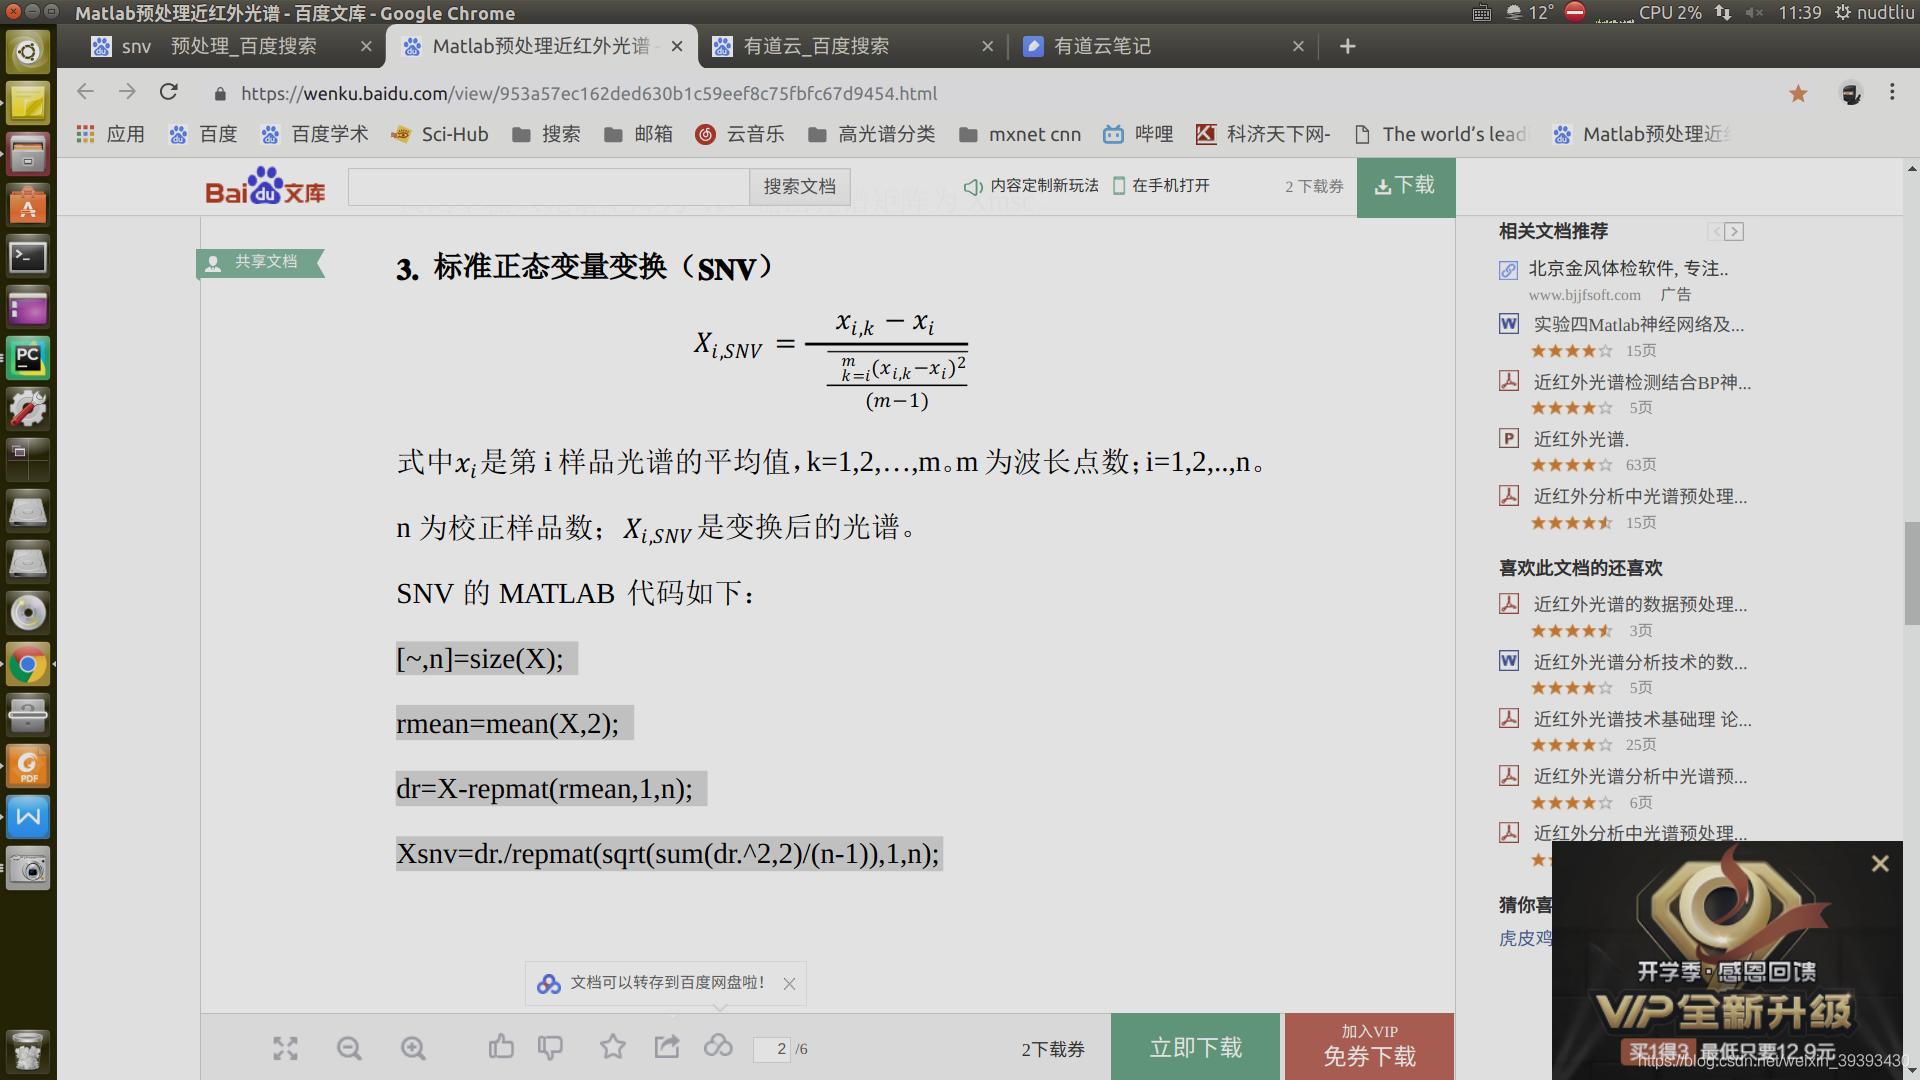 你好! 这是你第一次使用 **Markdown编辑器** 所展示的欢迎页。如果你想学习如何使用Markdown编辑器, 可以仔细阅读这篇文章,了解一下Markdown的基本语法知识